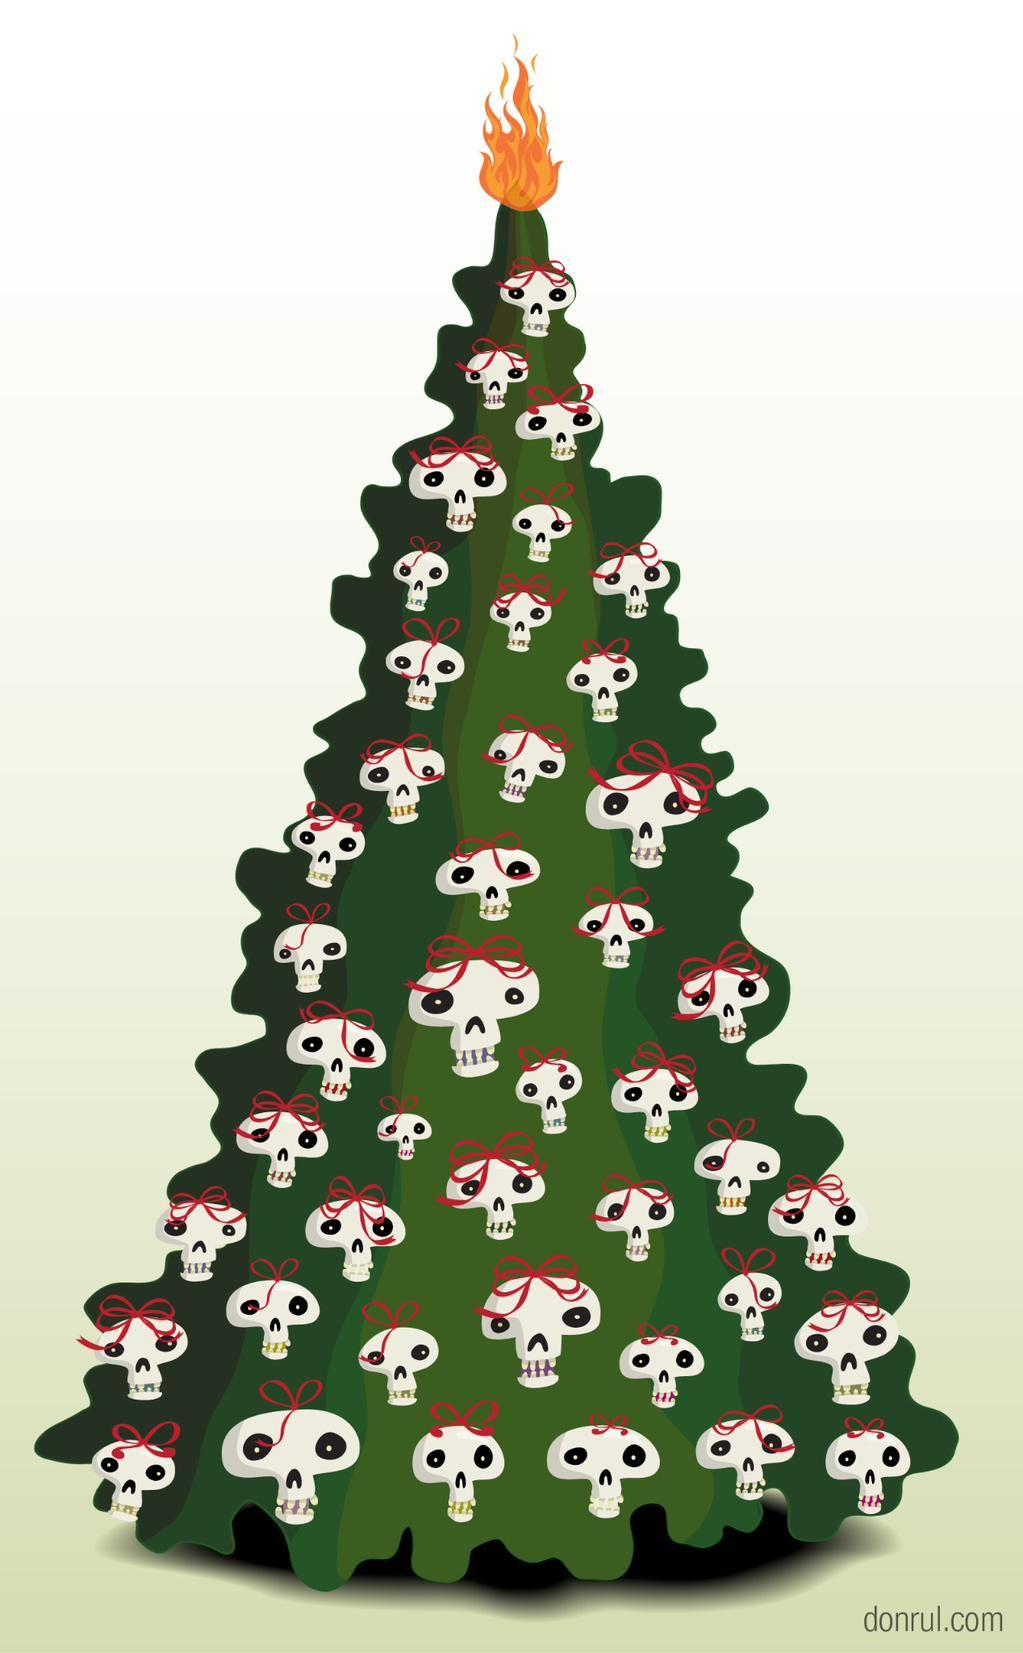 El sistema político mexicano le desea que pase una Feliz Navidad en ausencia de sus seres queridos.